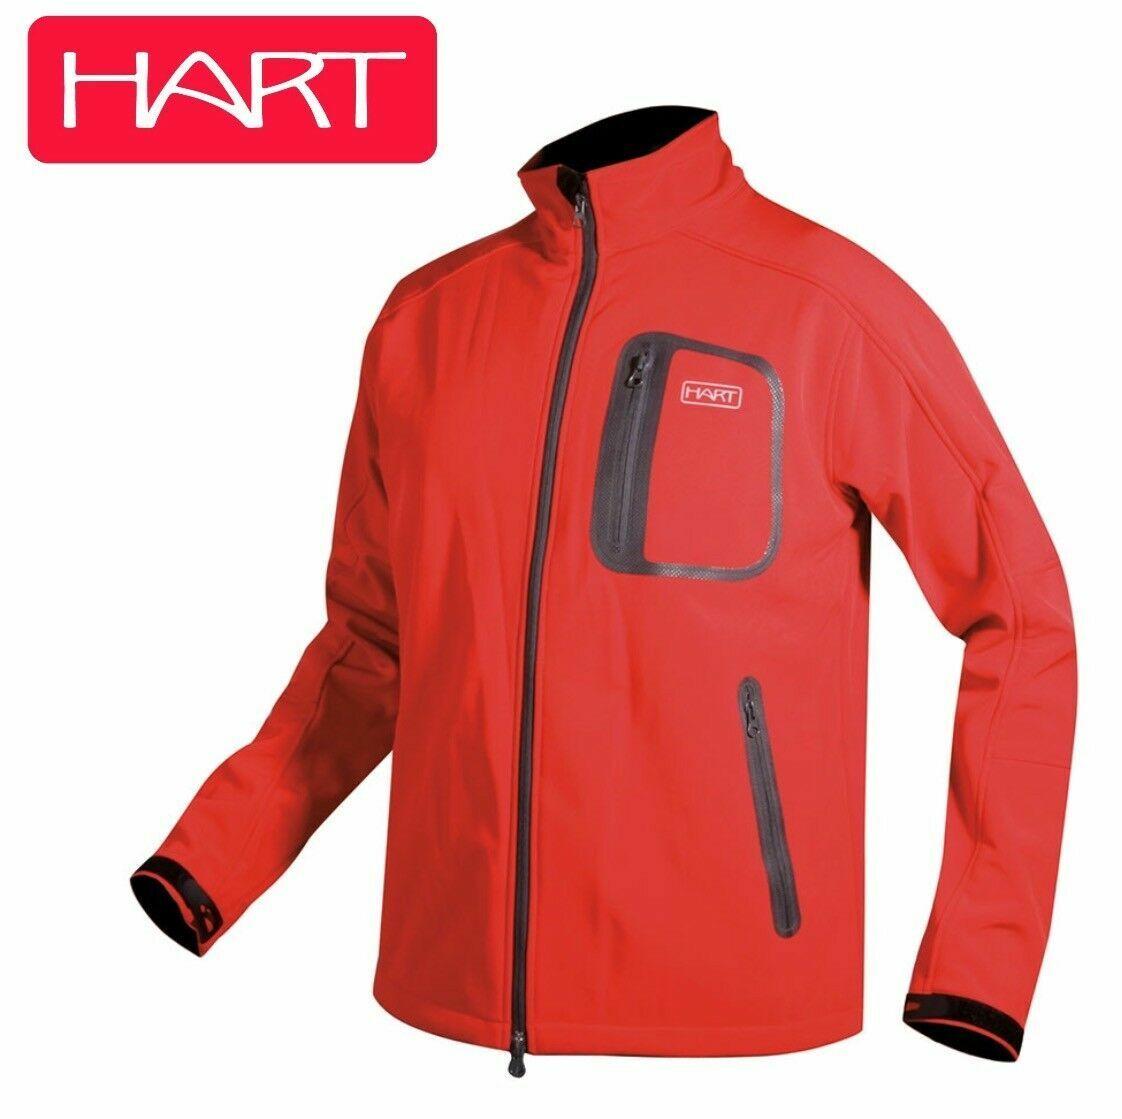 Hart Windtech Soft Shell Chaqueta De  Pesca Deportiva  edición  Hart  marcas de diseñadores baratos